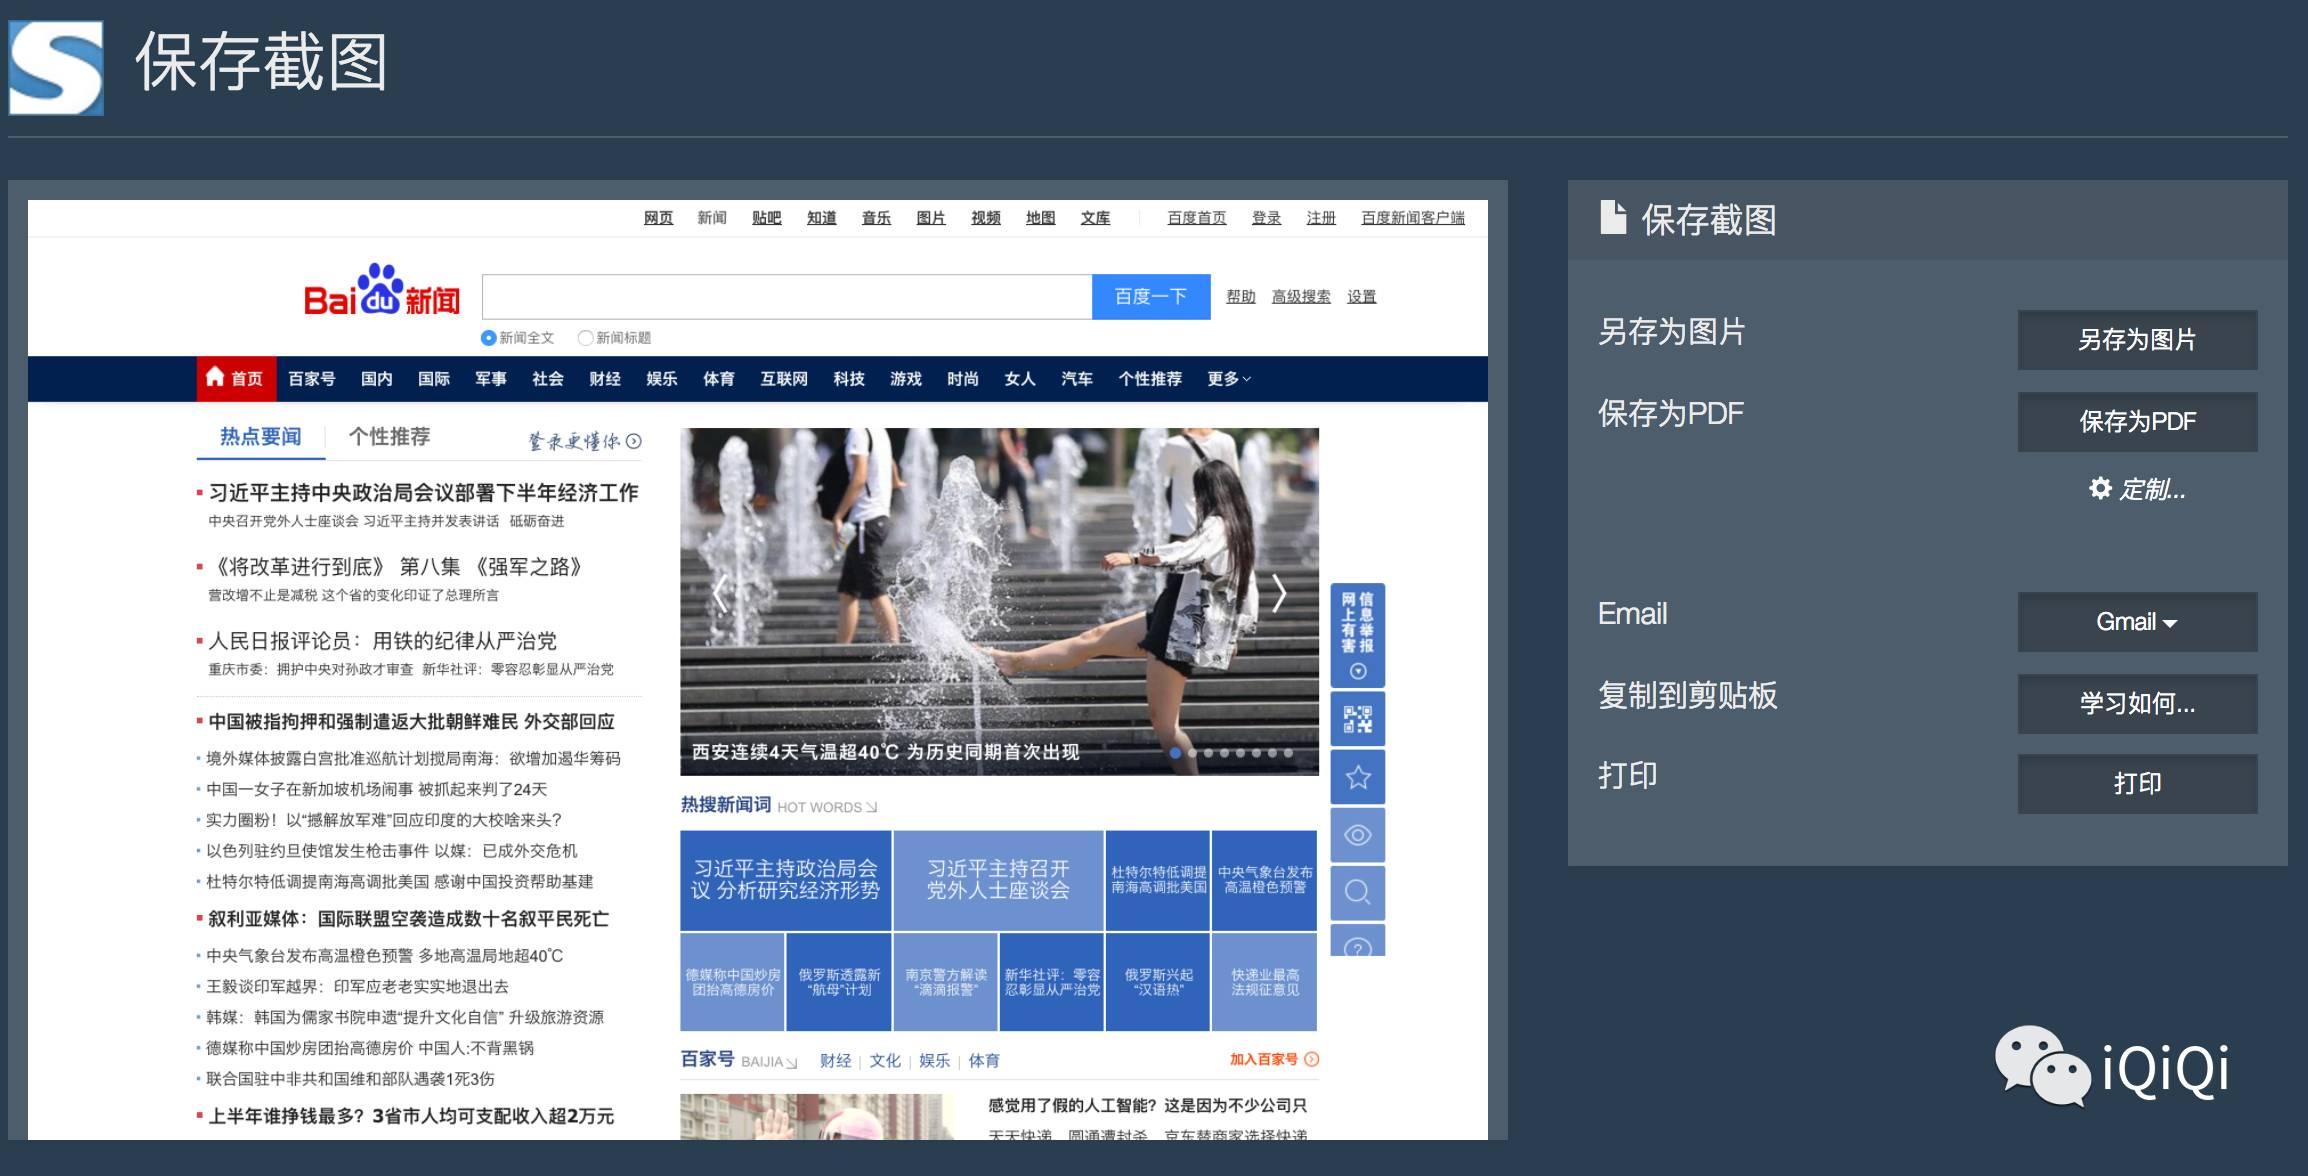 如何在浏览网页时快速完成页面截图?-iQiQi